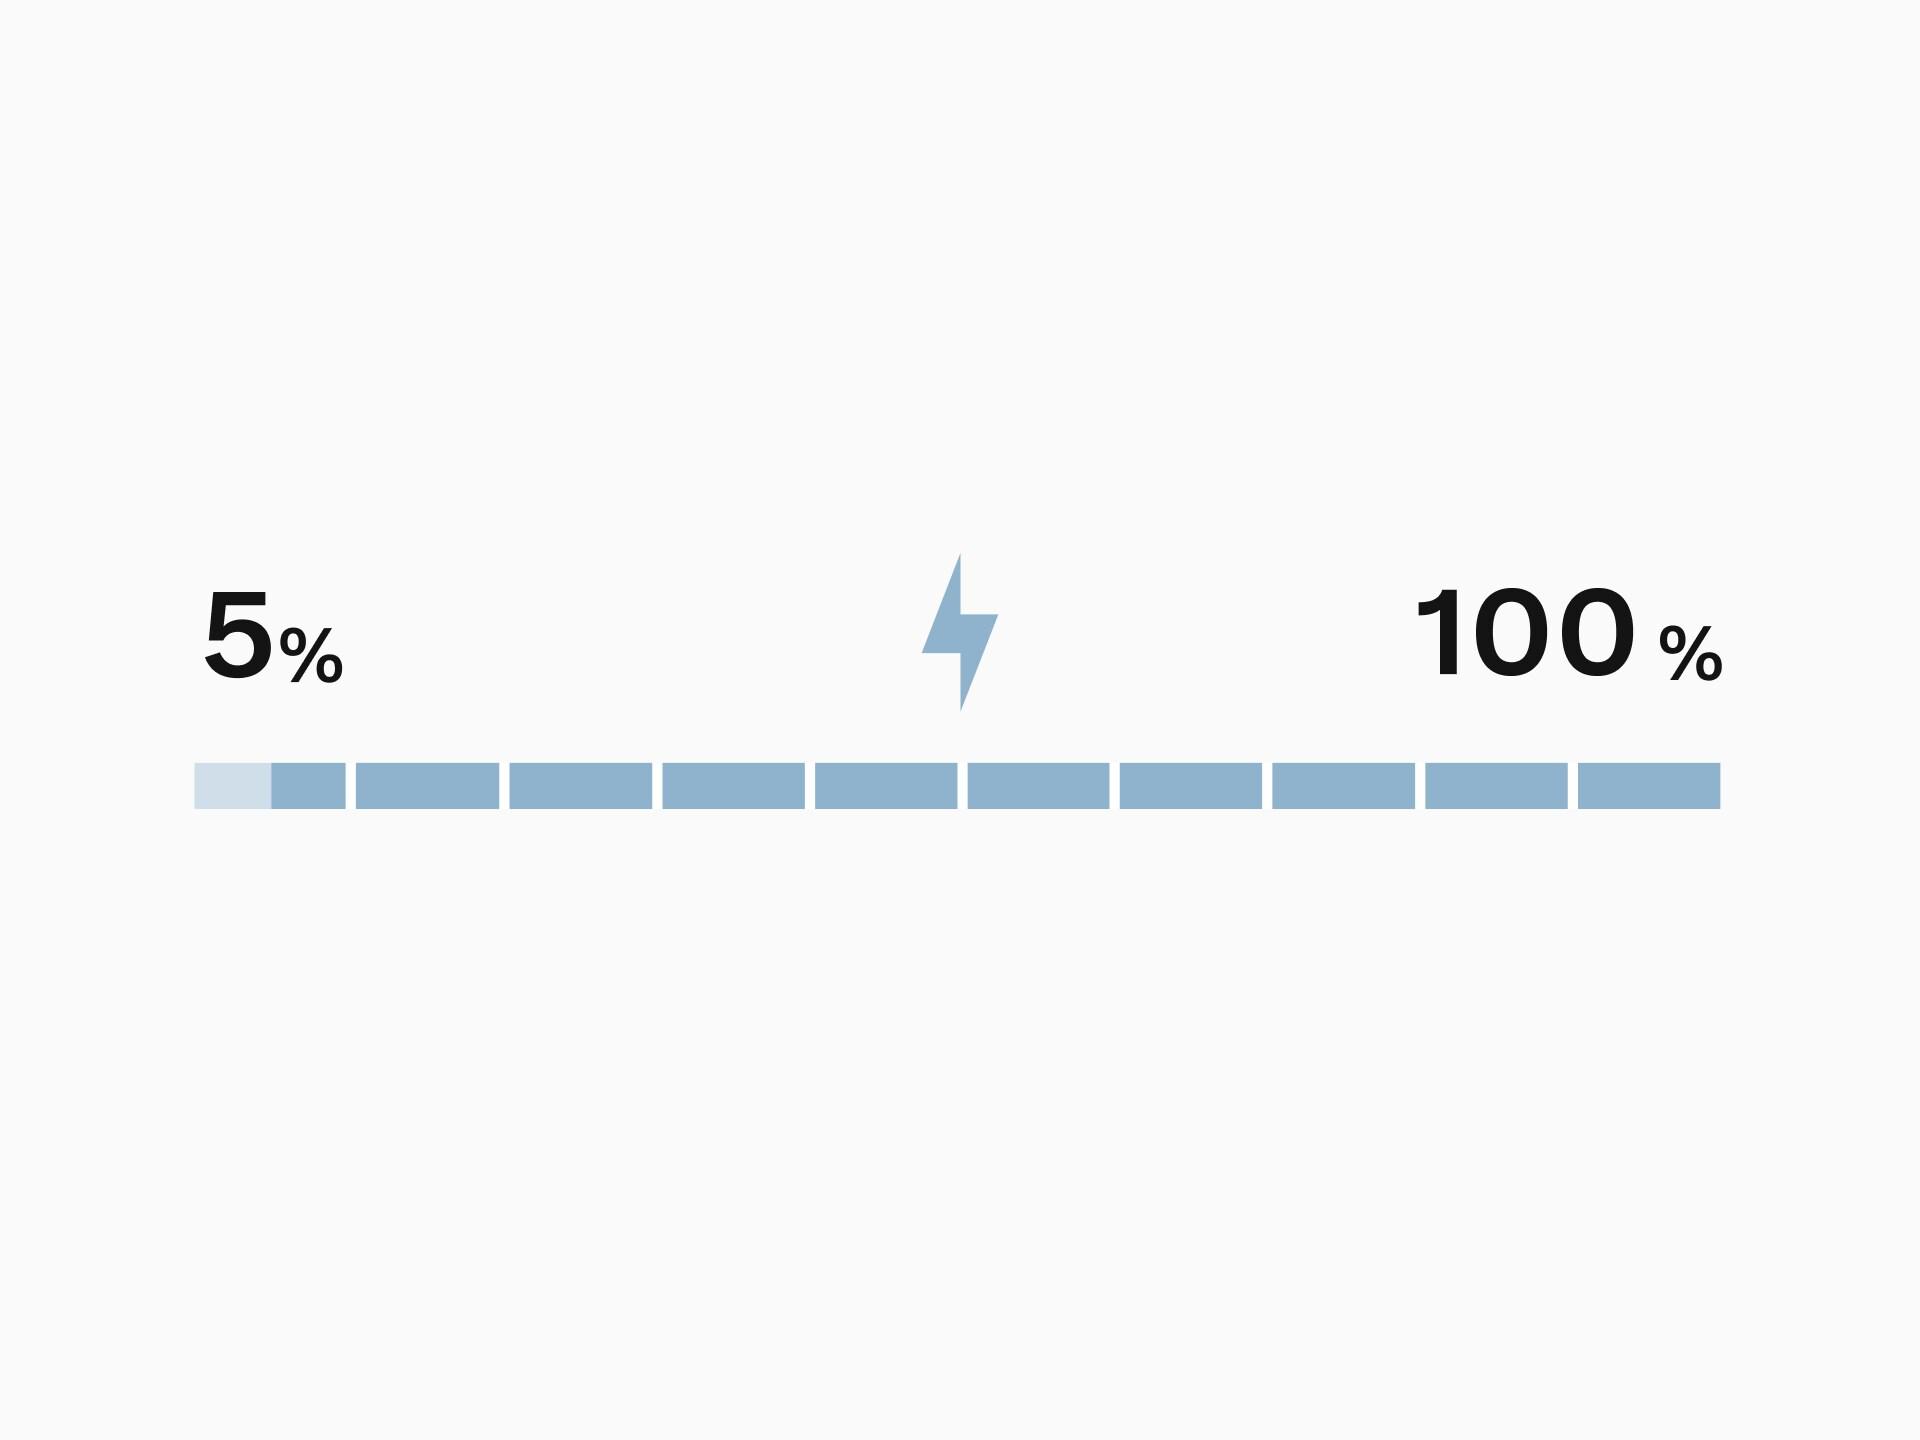 Bir plug-in hybrid akü için ideal çalışma aralığını göstermek amacıyla %5 ile %100 arası vurgulanmış akü şarj seviyesi çubuk grafiği.